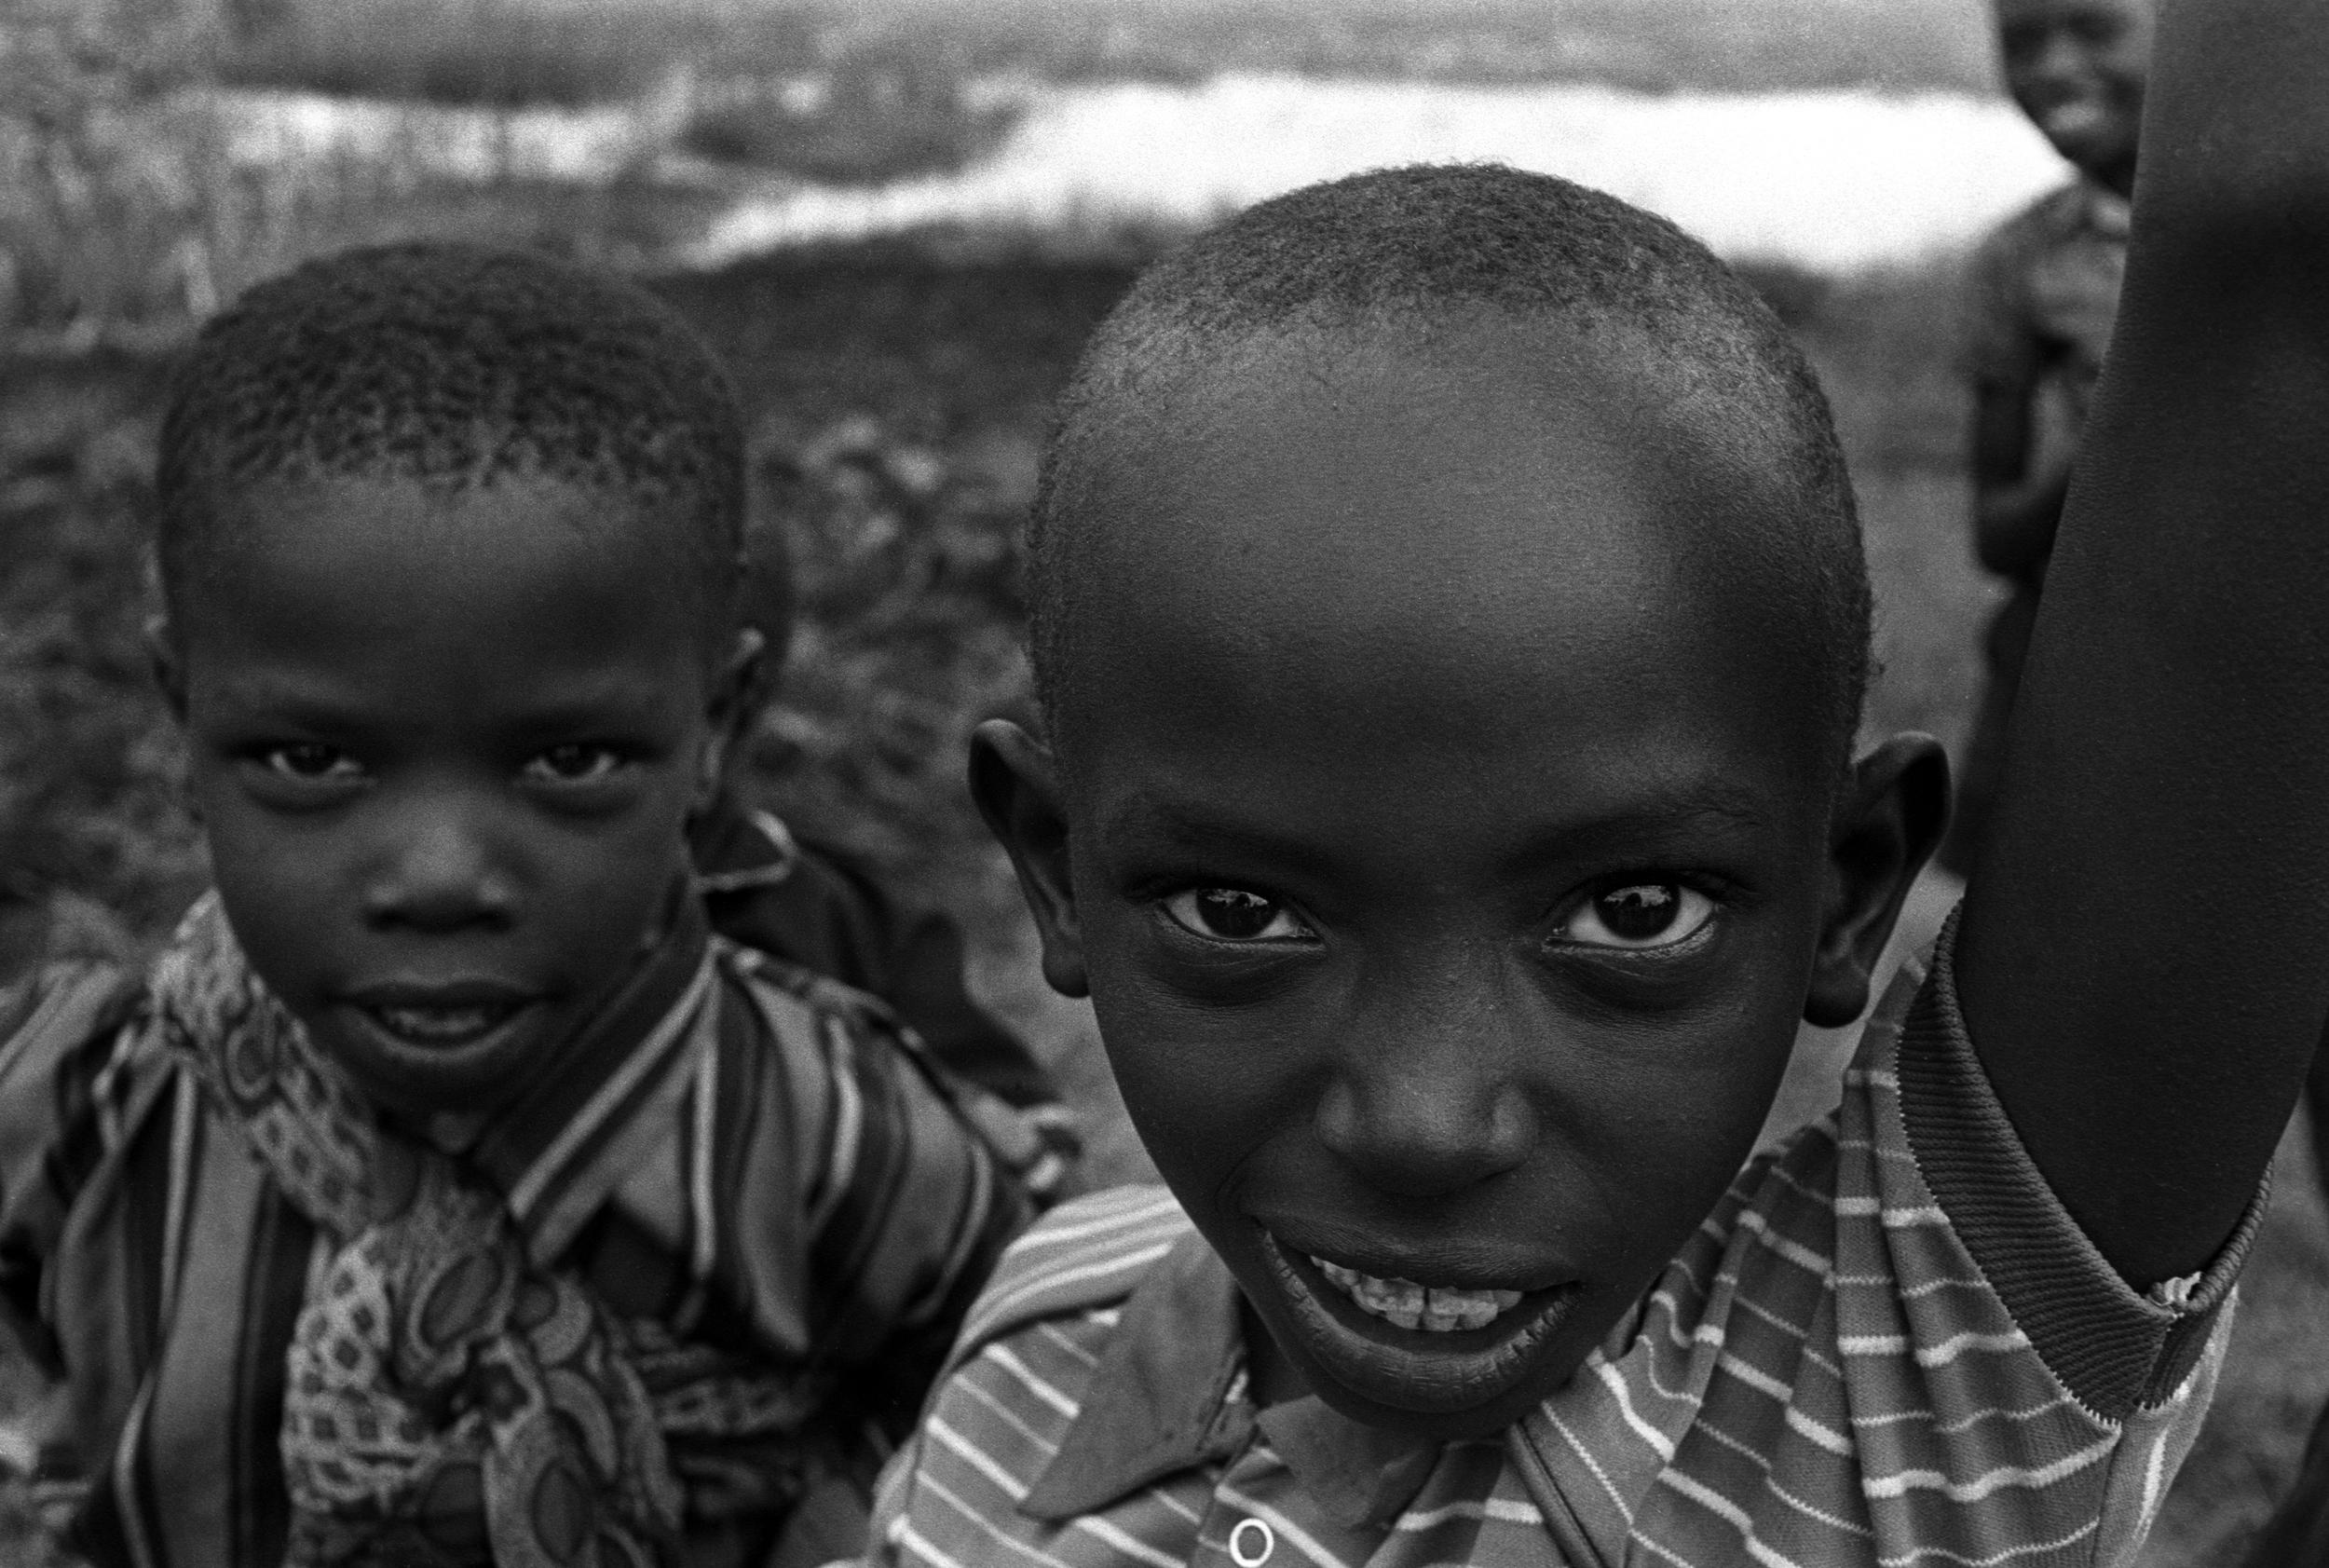 Kikuyu children